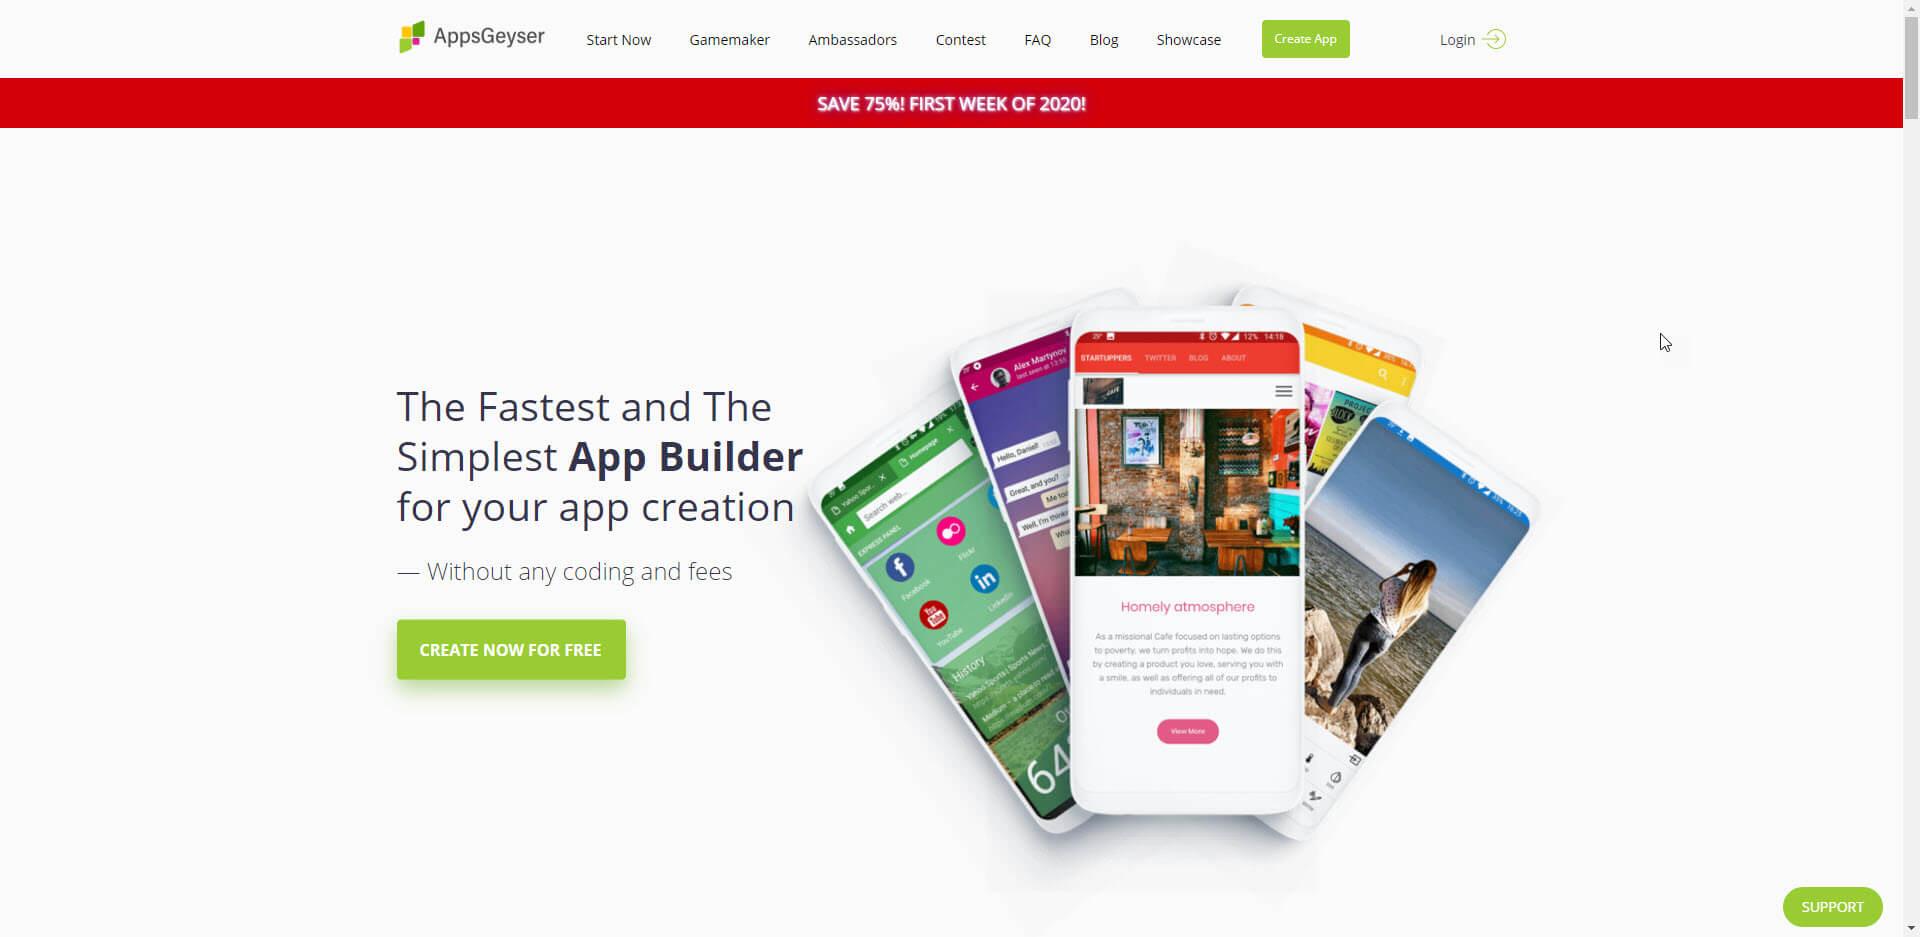 شرح موقع AppsGeyser